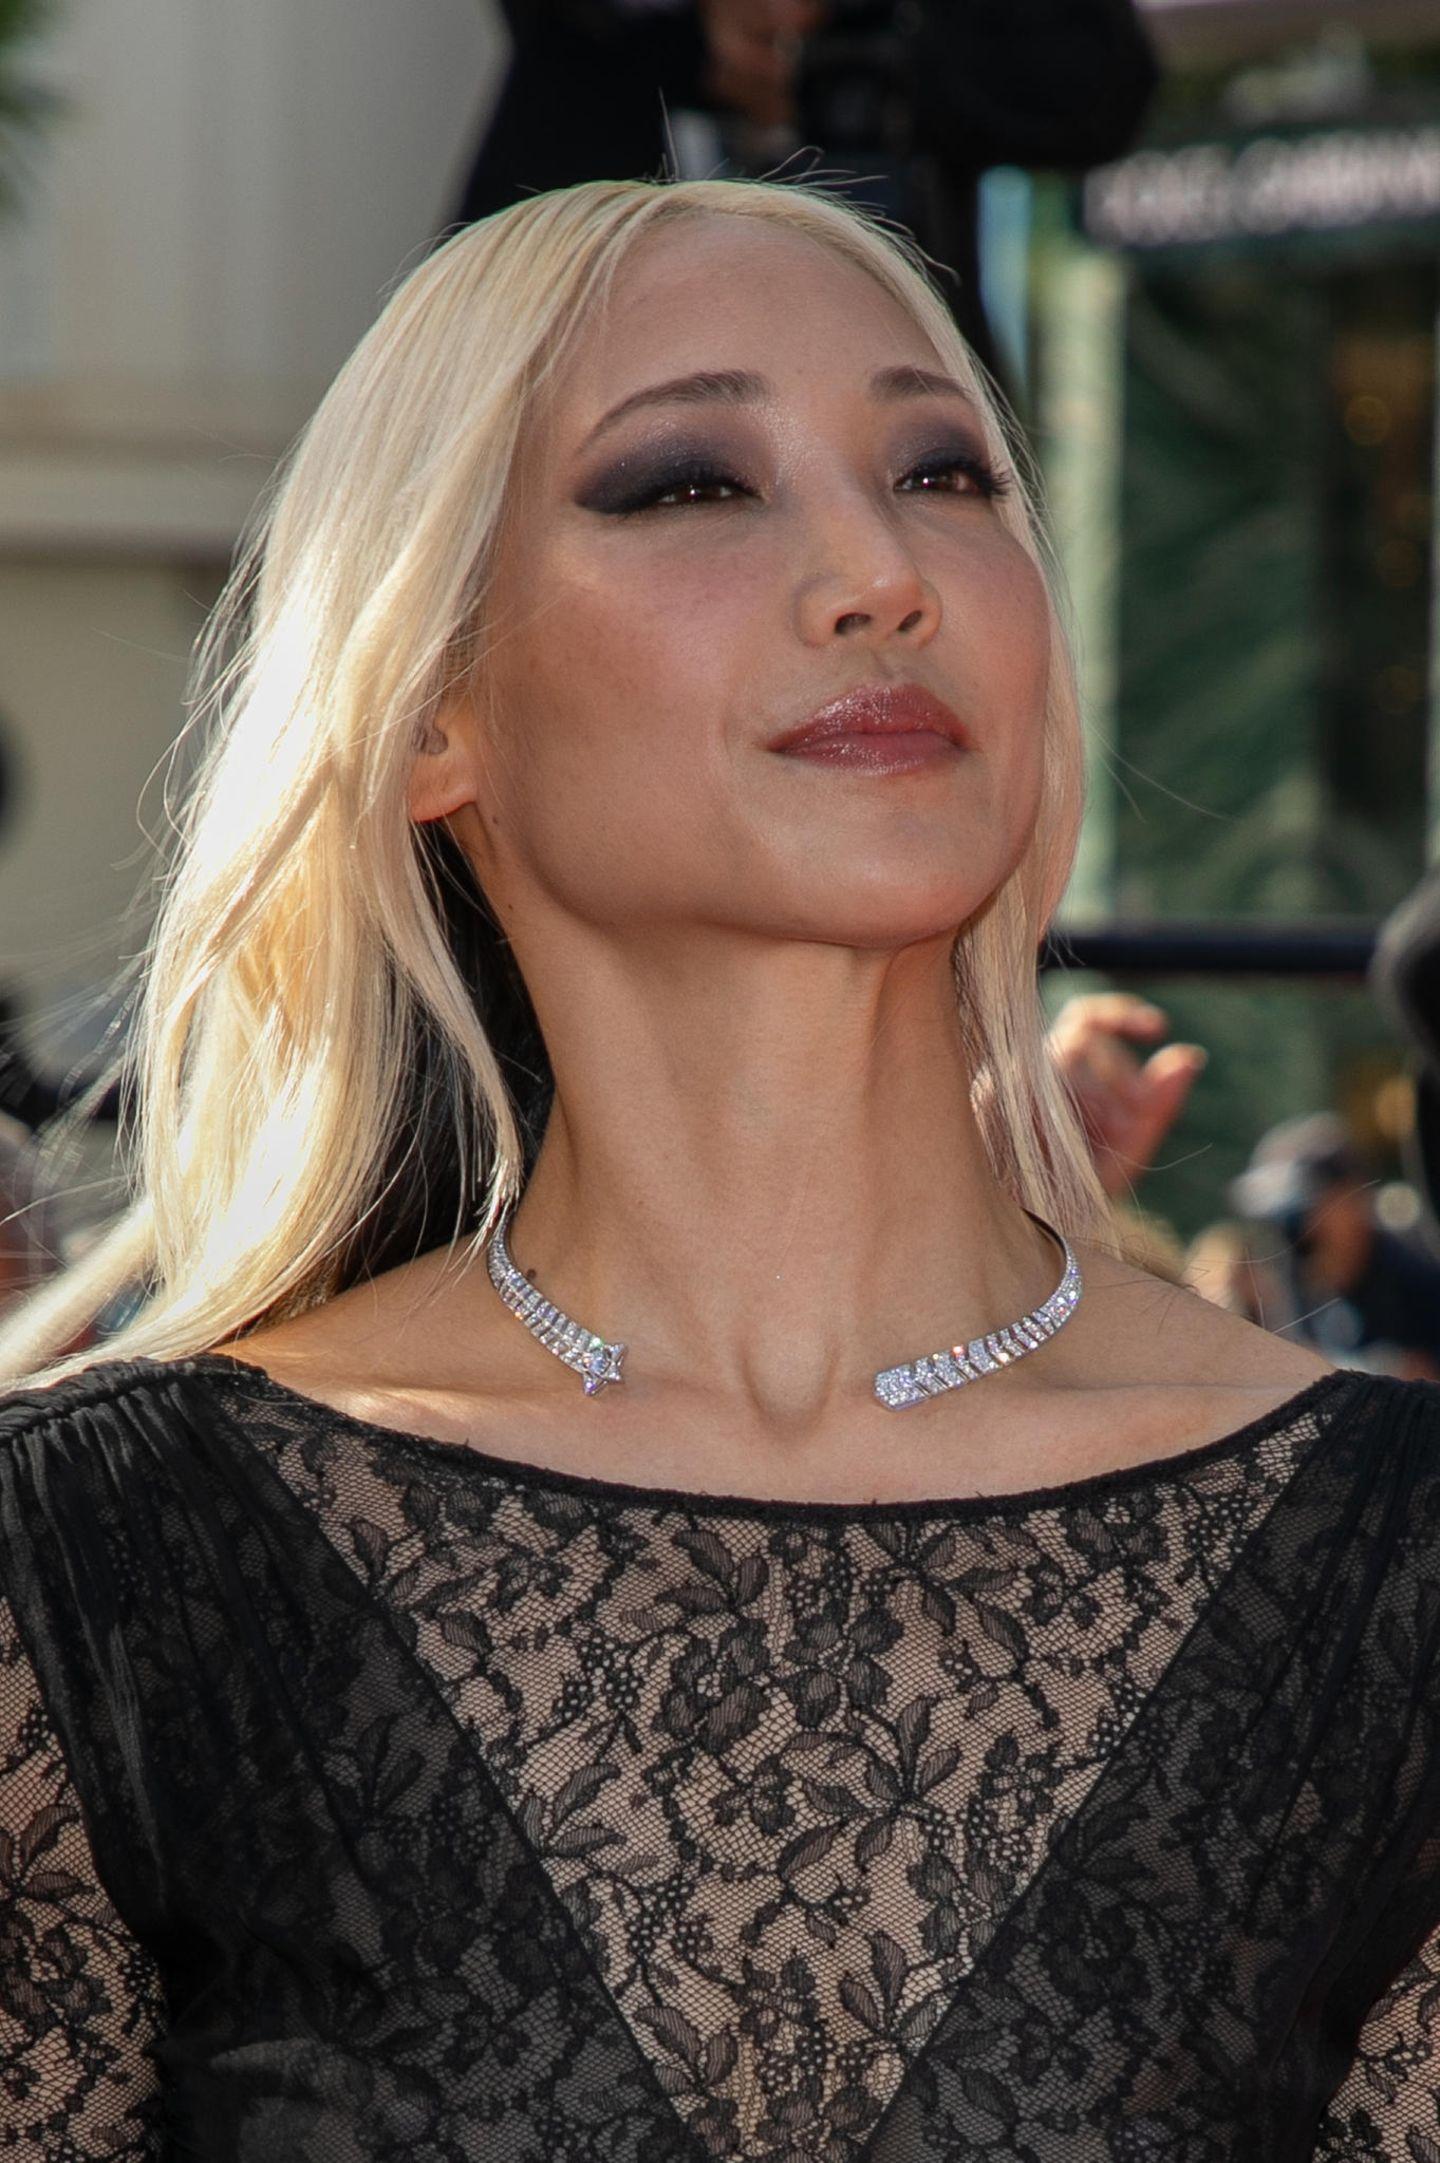 Model Soo Joo Park setzt zu ihrem schwarzen Spitzenkleid auf Smokey Eyes. Ein beliebter Look der auch bei vielen anderer Kolleginnen auf dem Teppich gesichtet wurde. Der verruchte Look feiert wohl sein Comback.